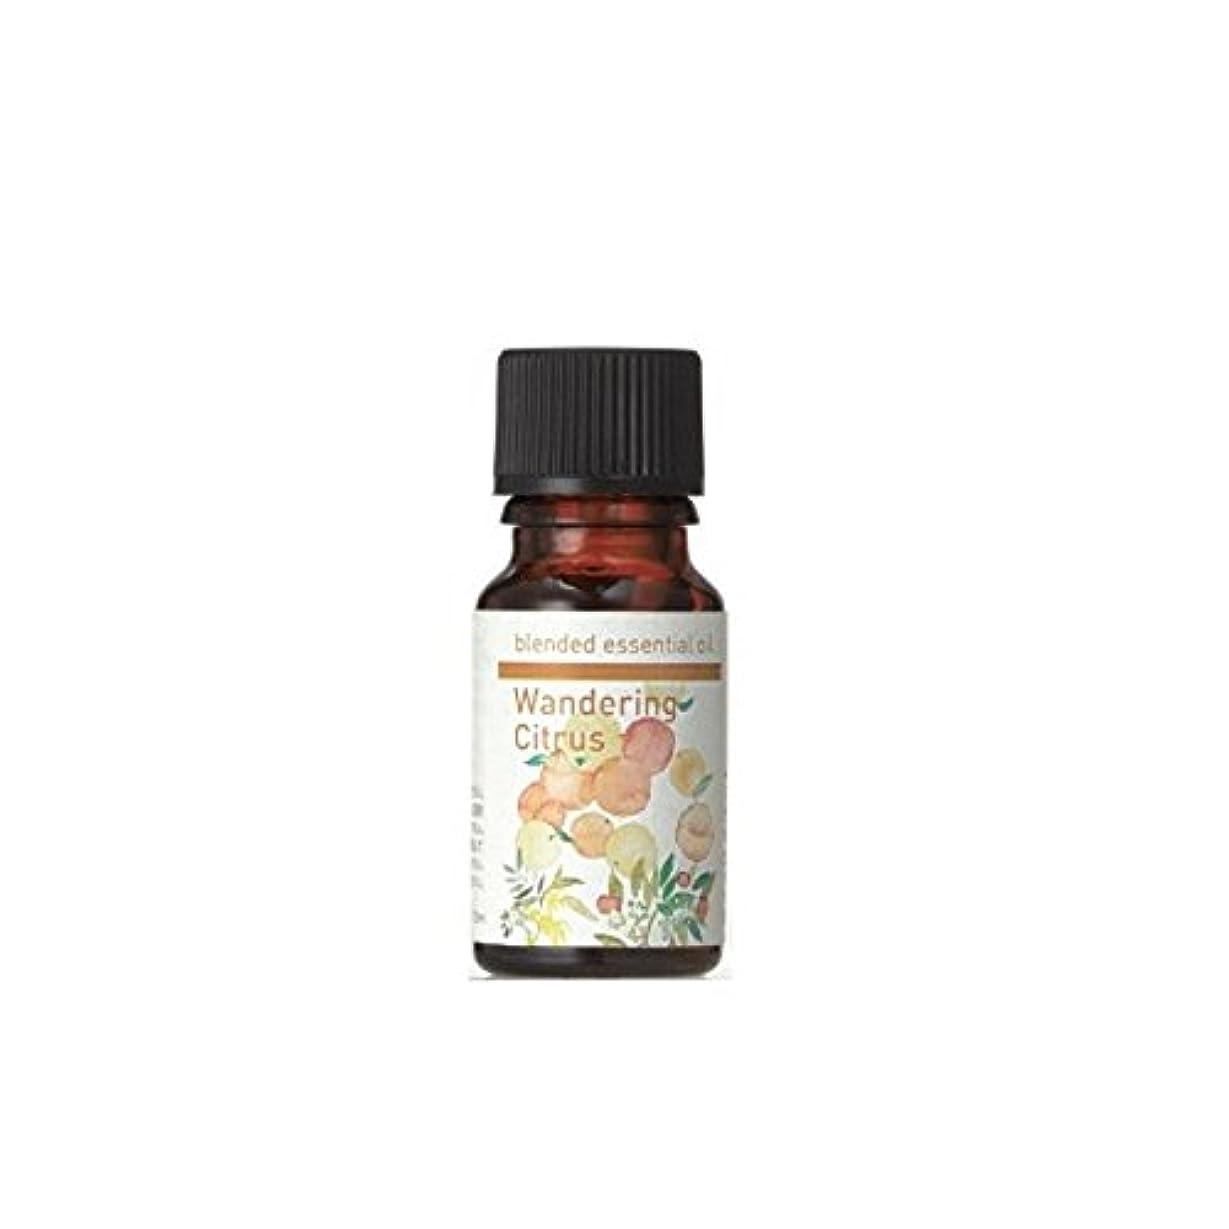 回想暖かさ擁する生活の木 ブレンドエッセンシャルオイル ワンダリングシトラス [30ml] エッセンシャルオイル/精油